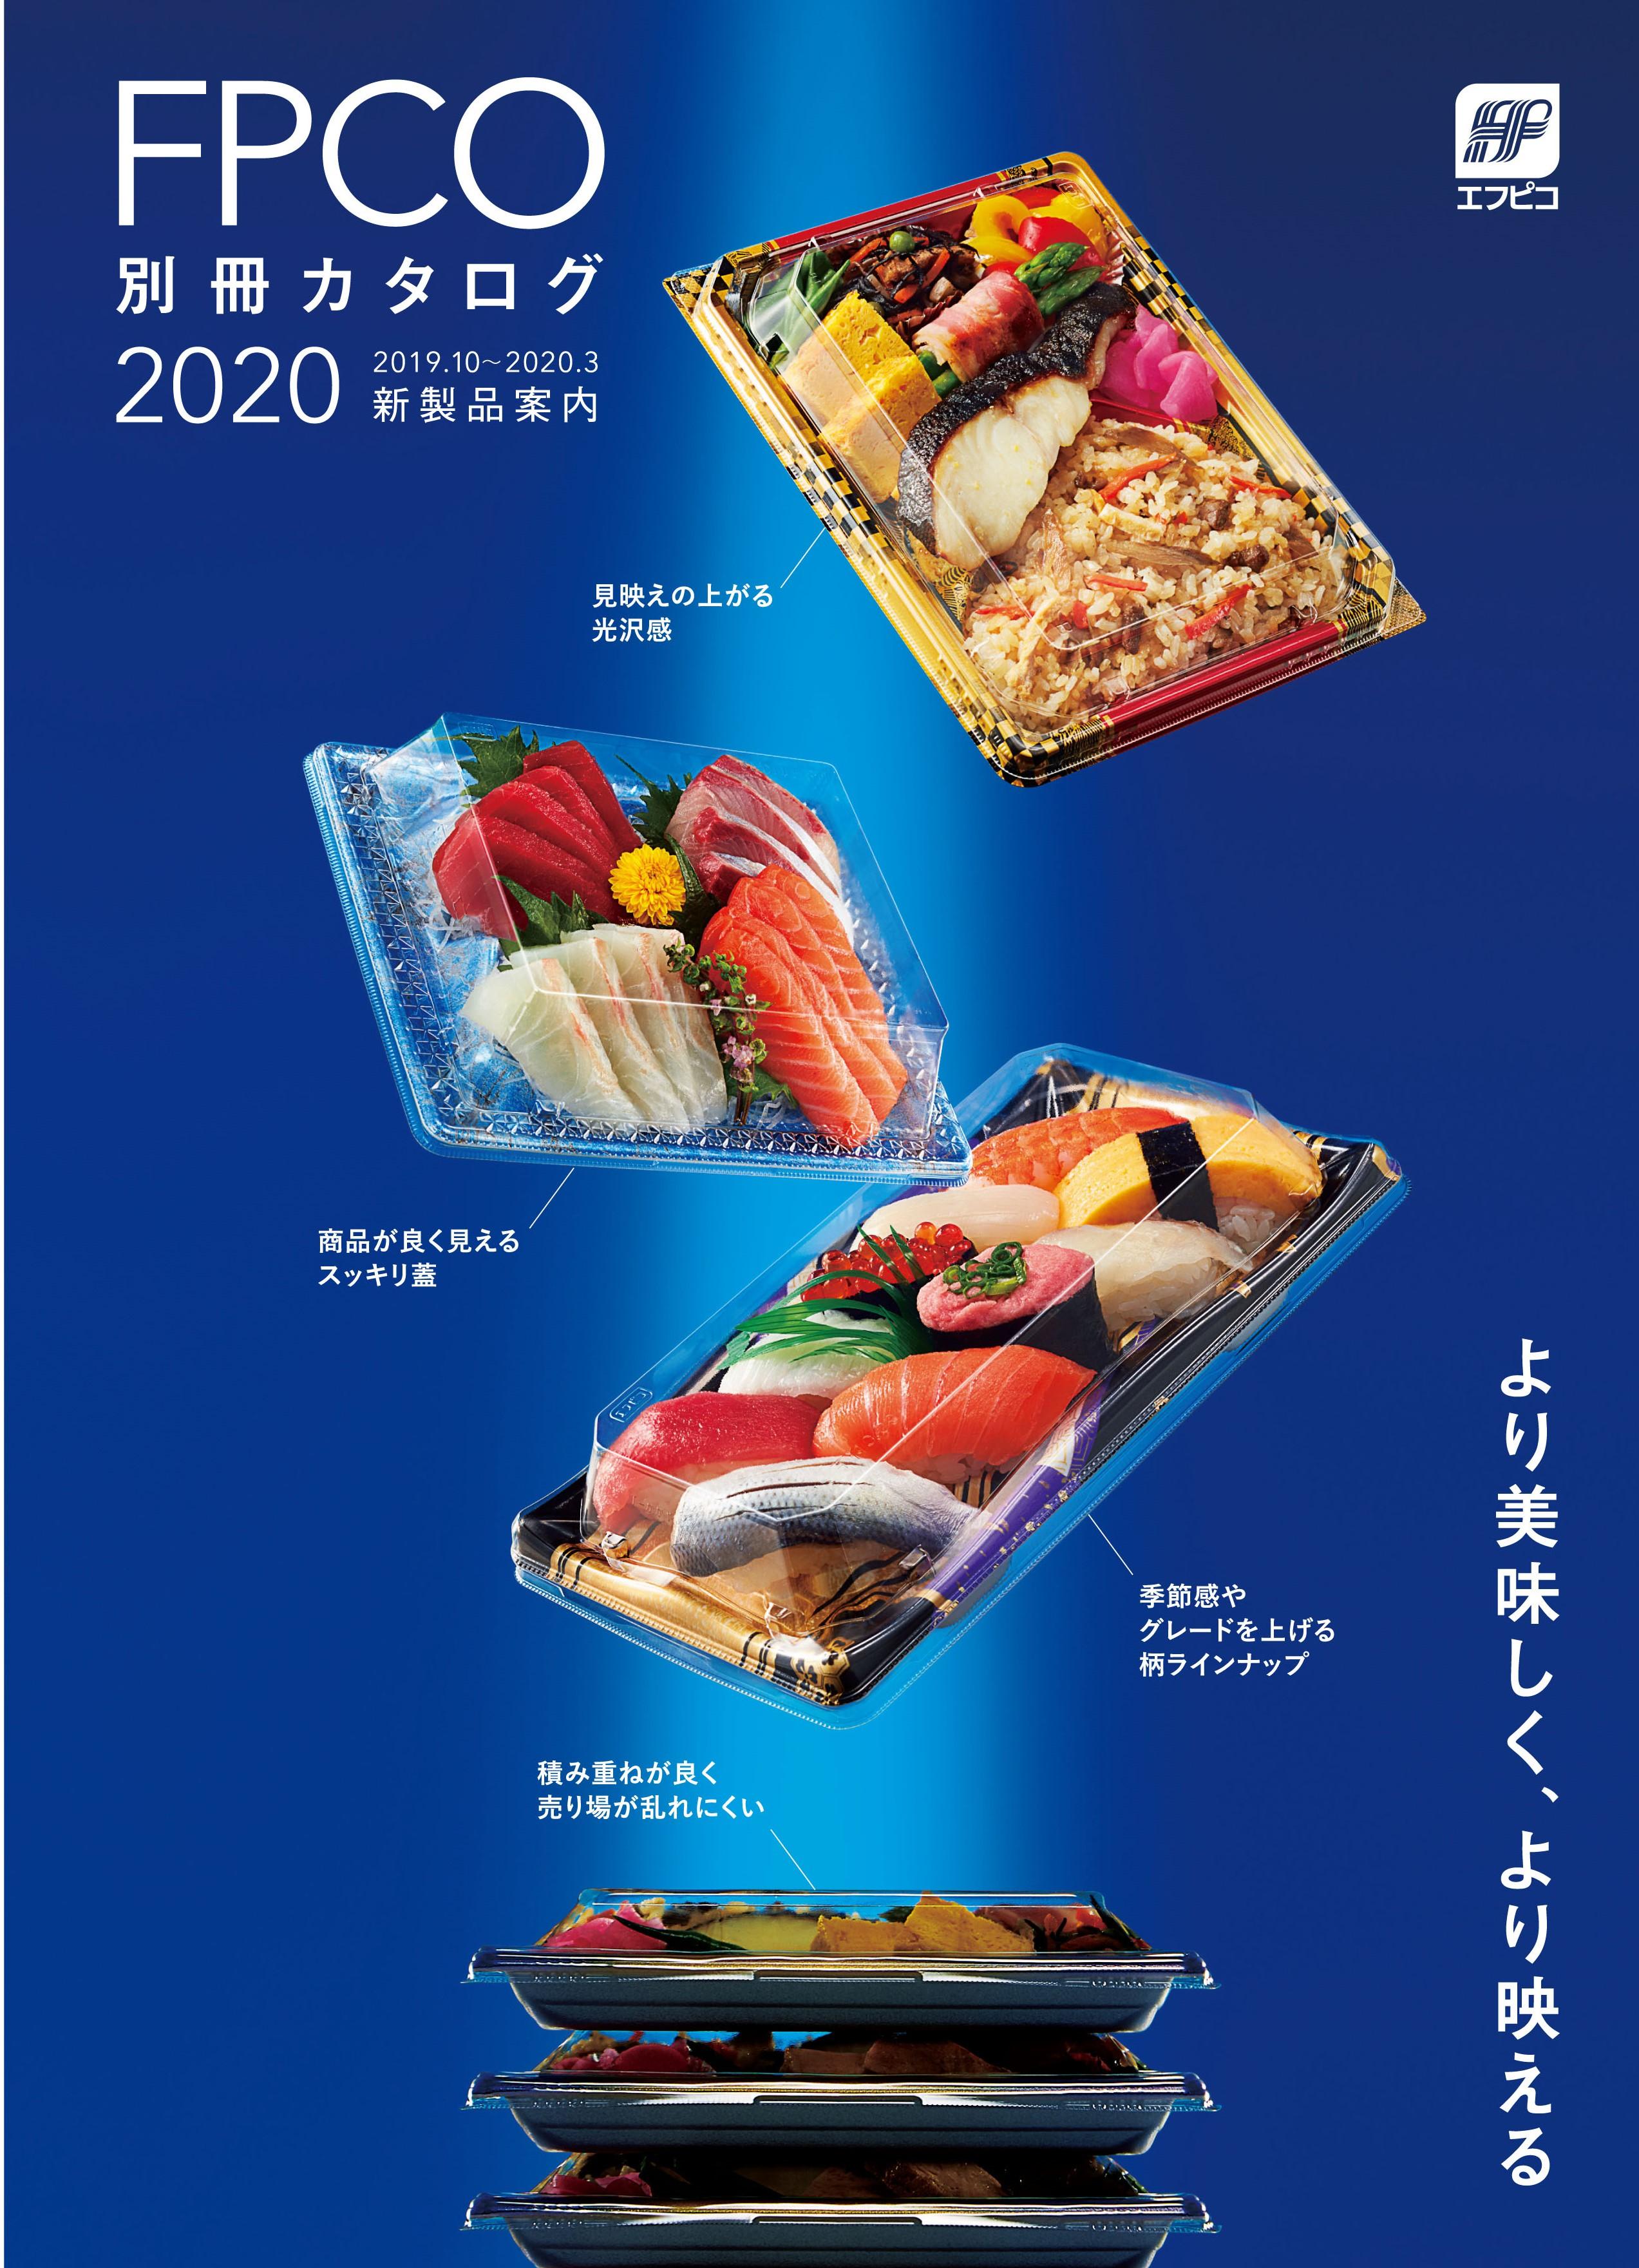 【製品カタログ】別冊カタログ2020